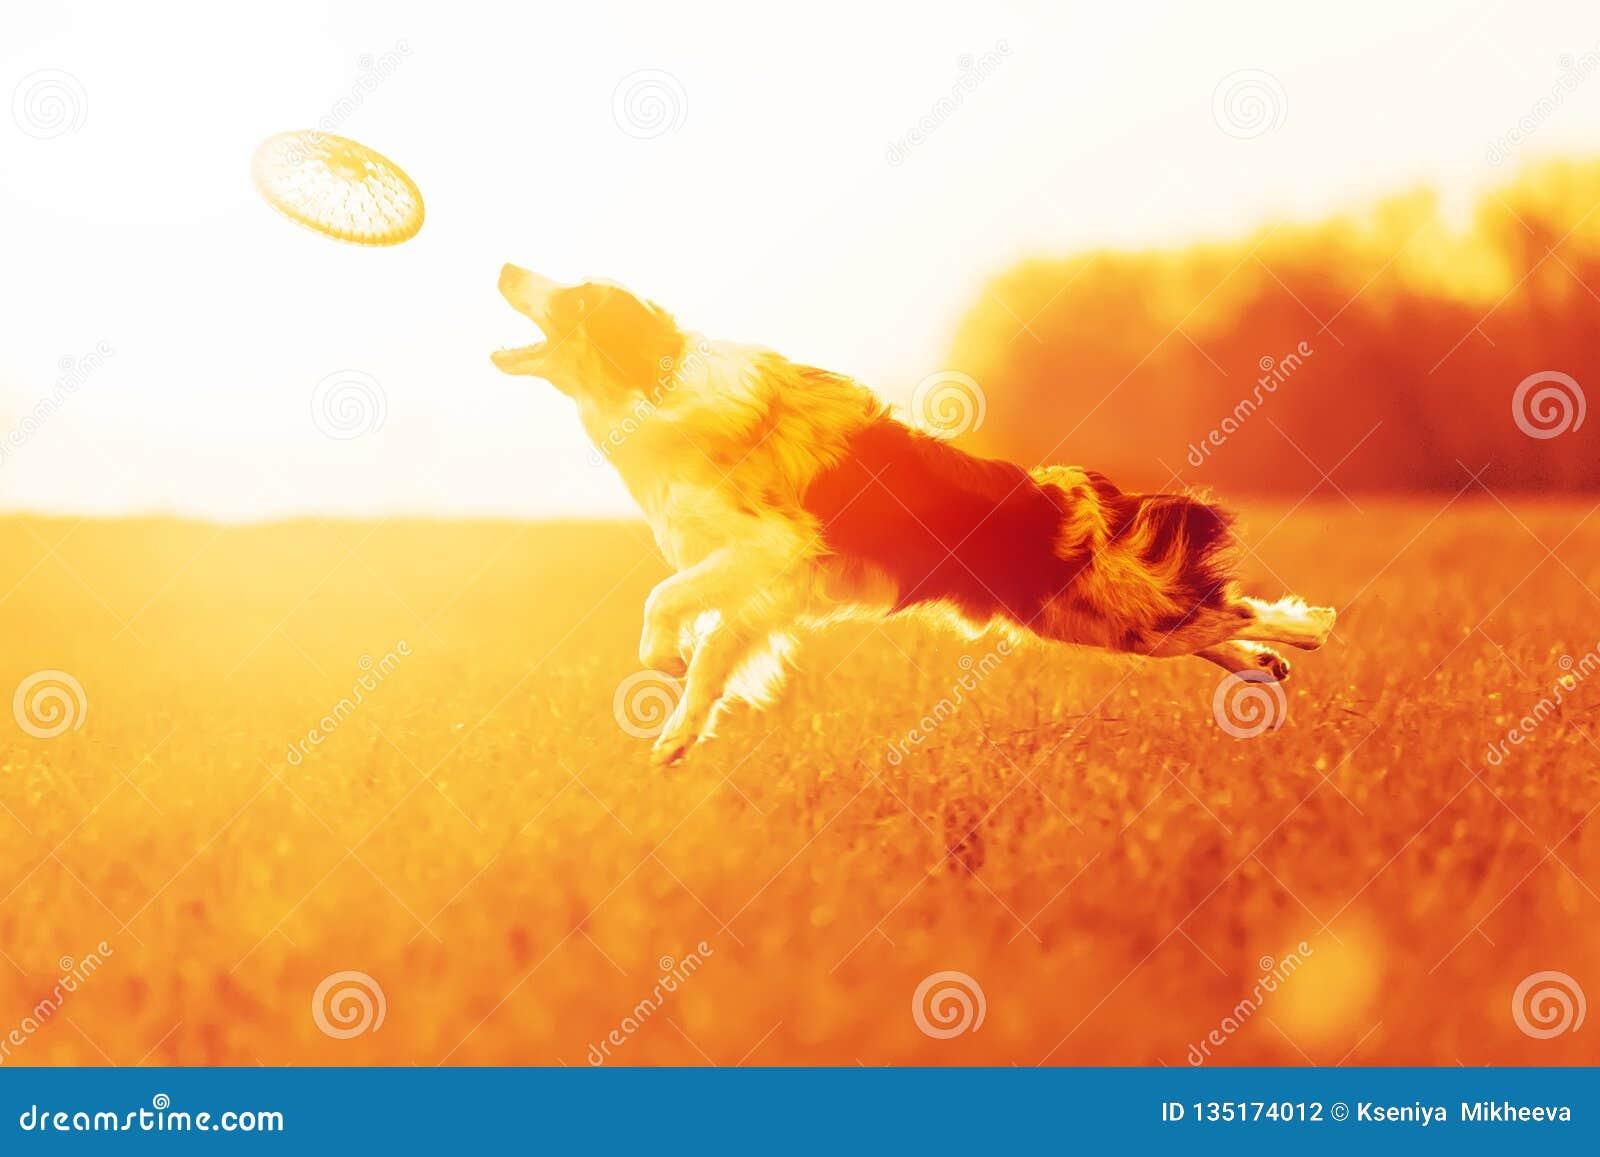 Коллиа границы собаки Mramar скачет внутри к небу в поле